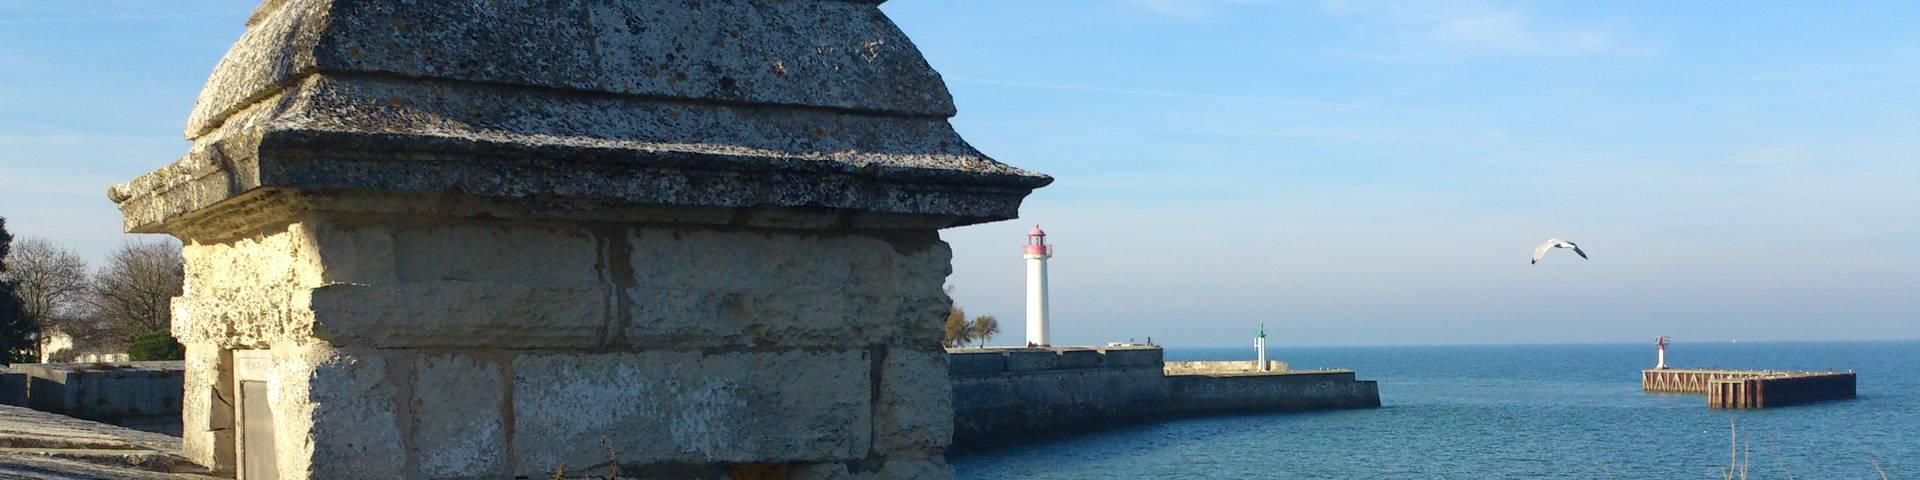 Culture et patrimoine Saint-Martin-de-Ré